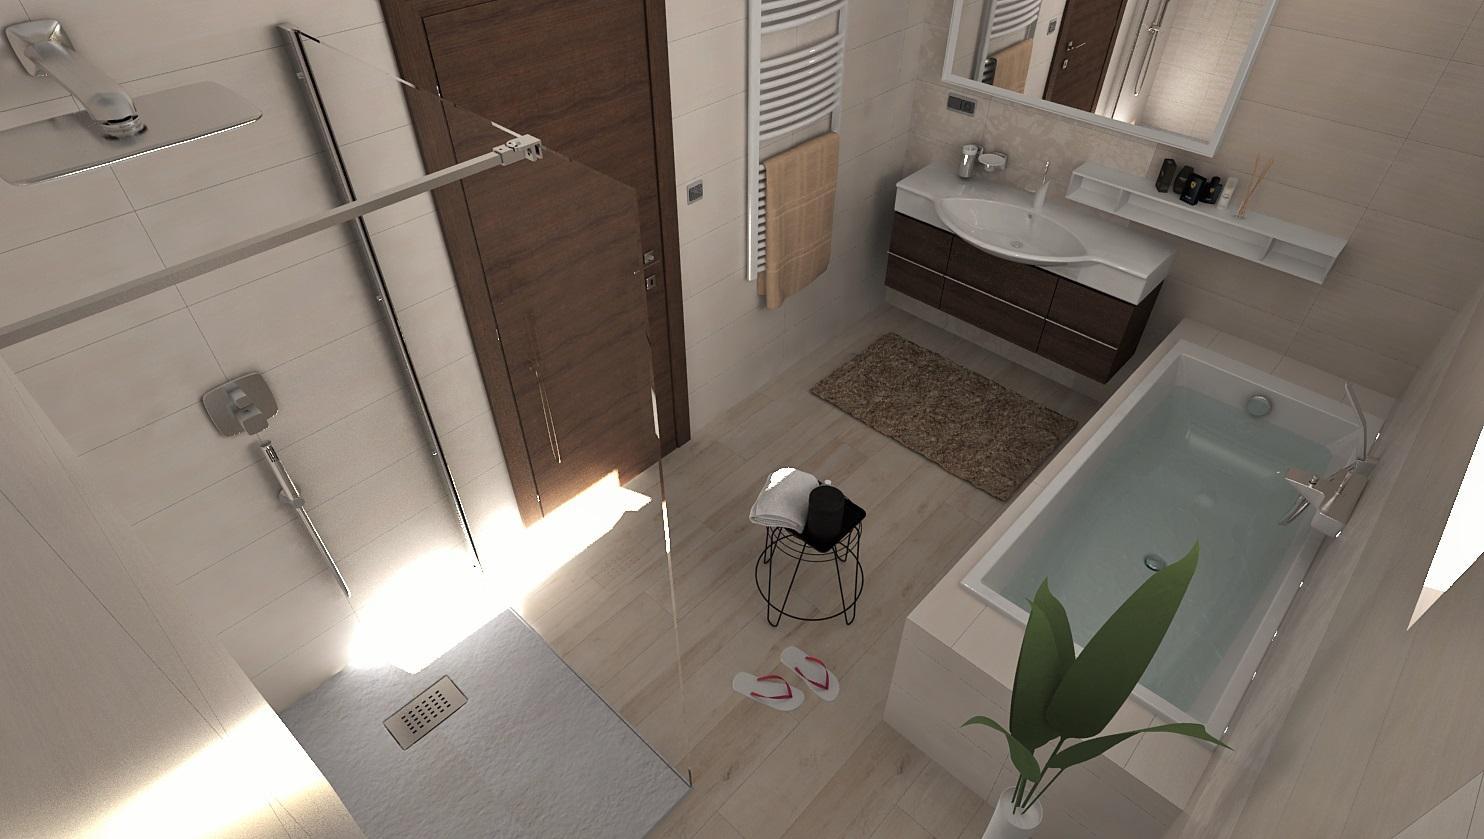 Návrhy a vizualizácie kúpeľní - Vizualizácia kúpeľne v jemnej béžovej